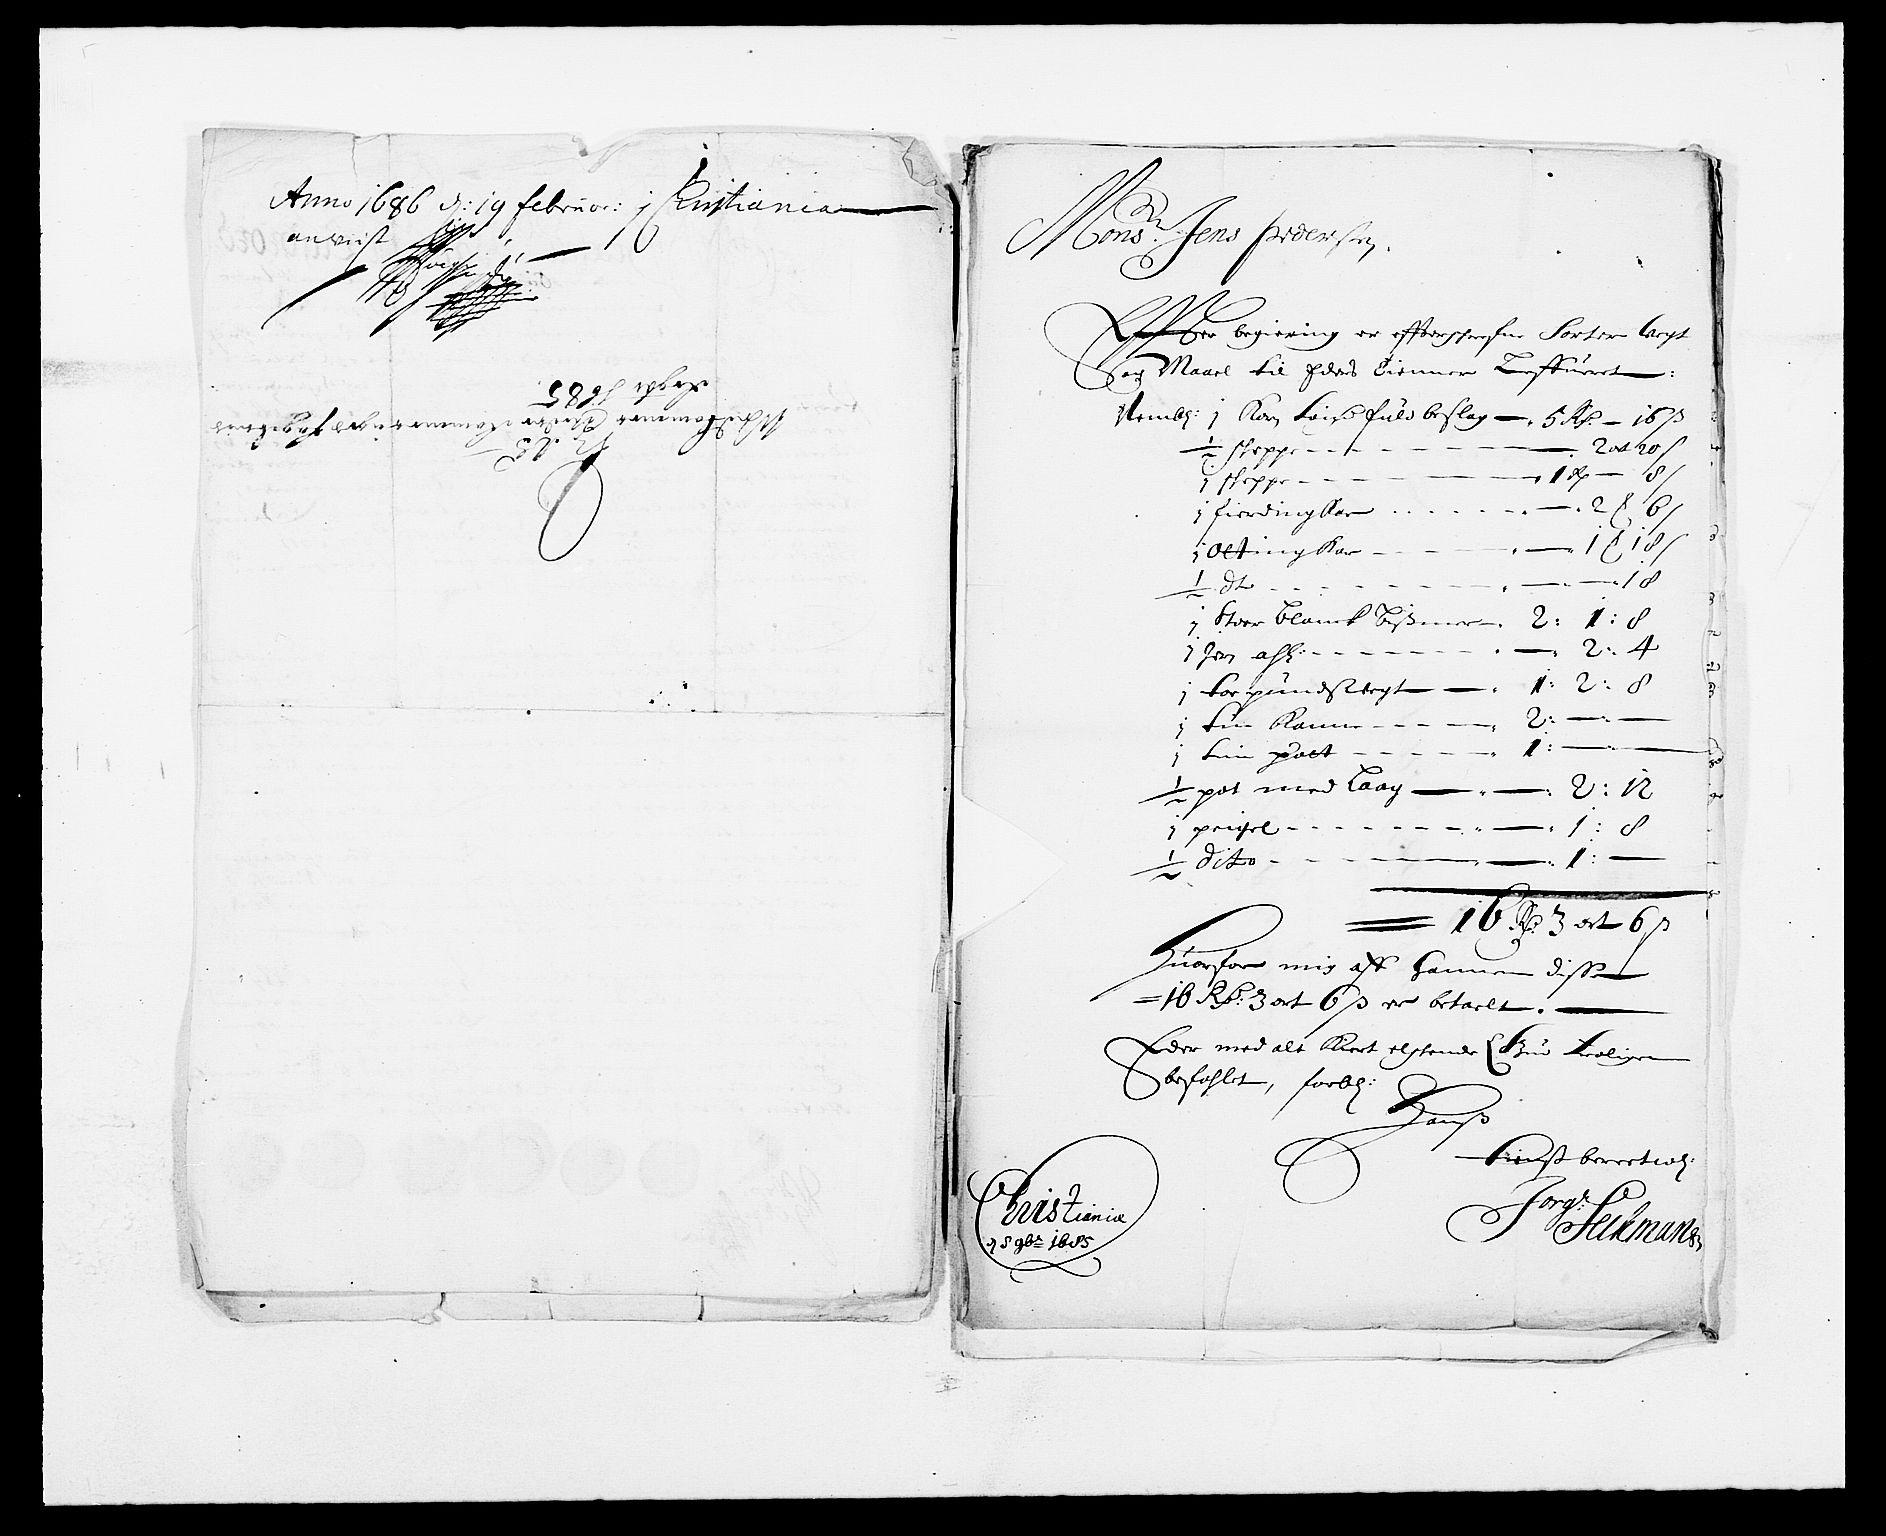 RA, Rentekammeret inntil 1814, Reviderte regnskaper, Fogderegnskap, R11/L0571: Fogderegnskap Nedre Romerike, 1683-1685, s. 607